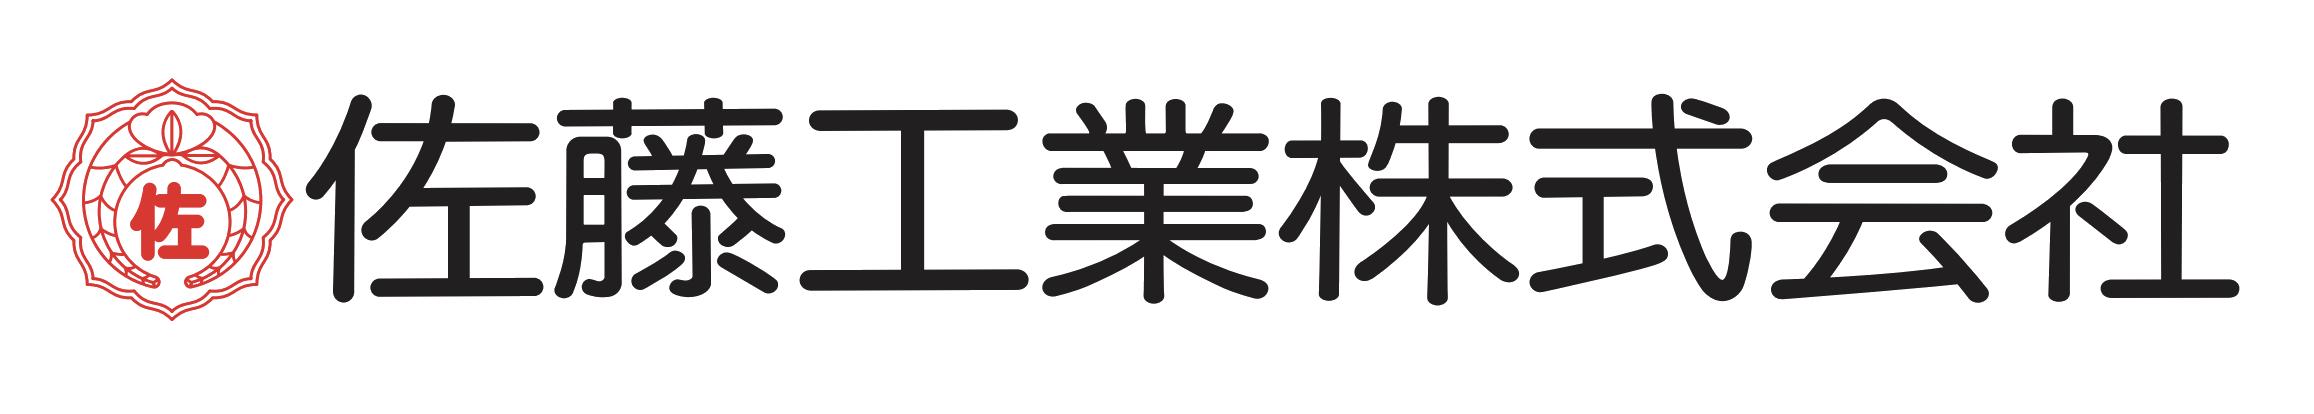 佐藤工業株式会社様